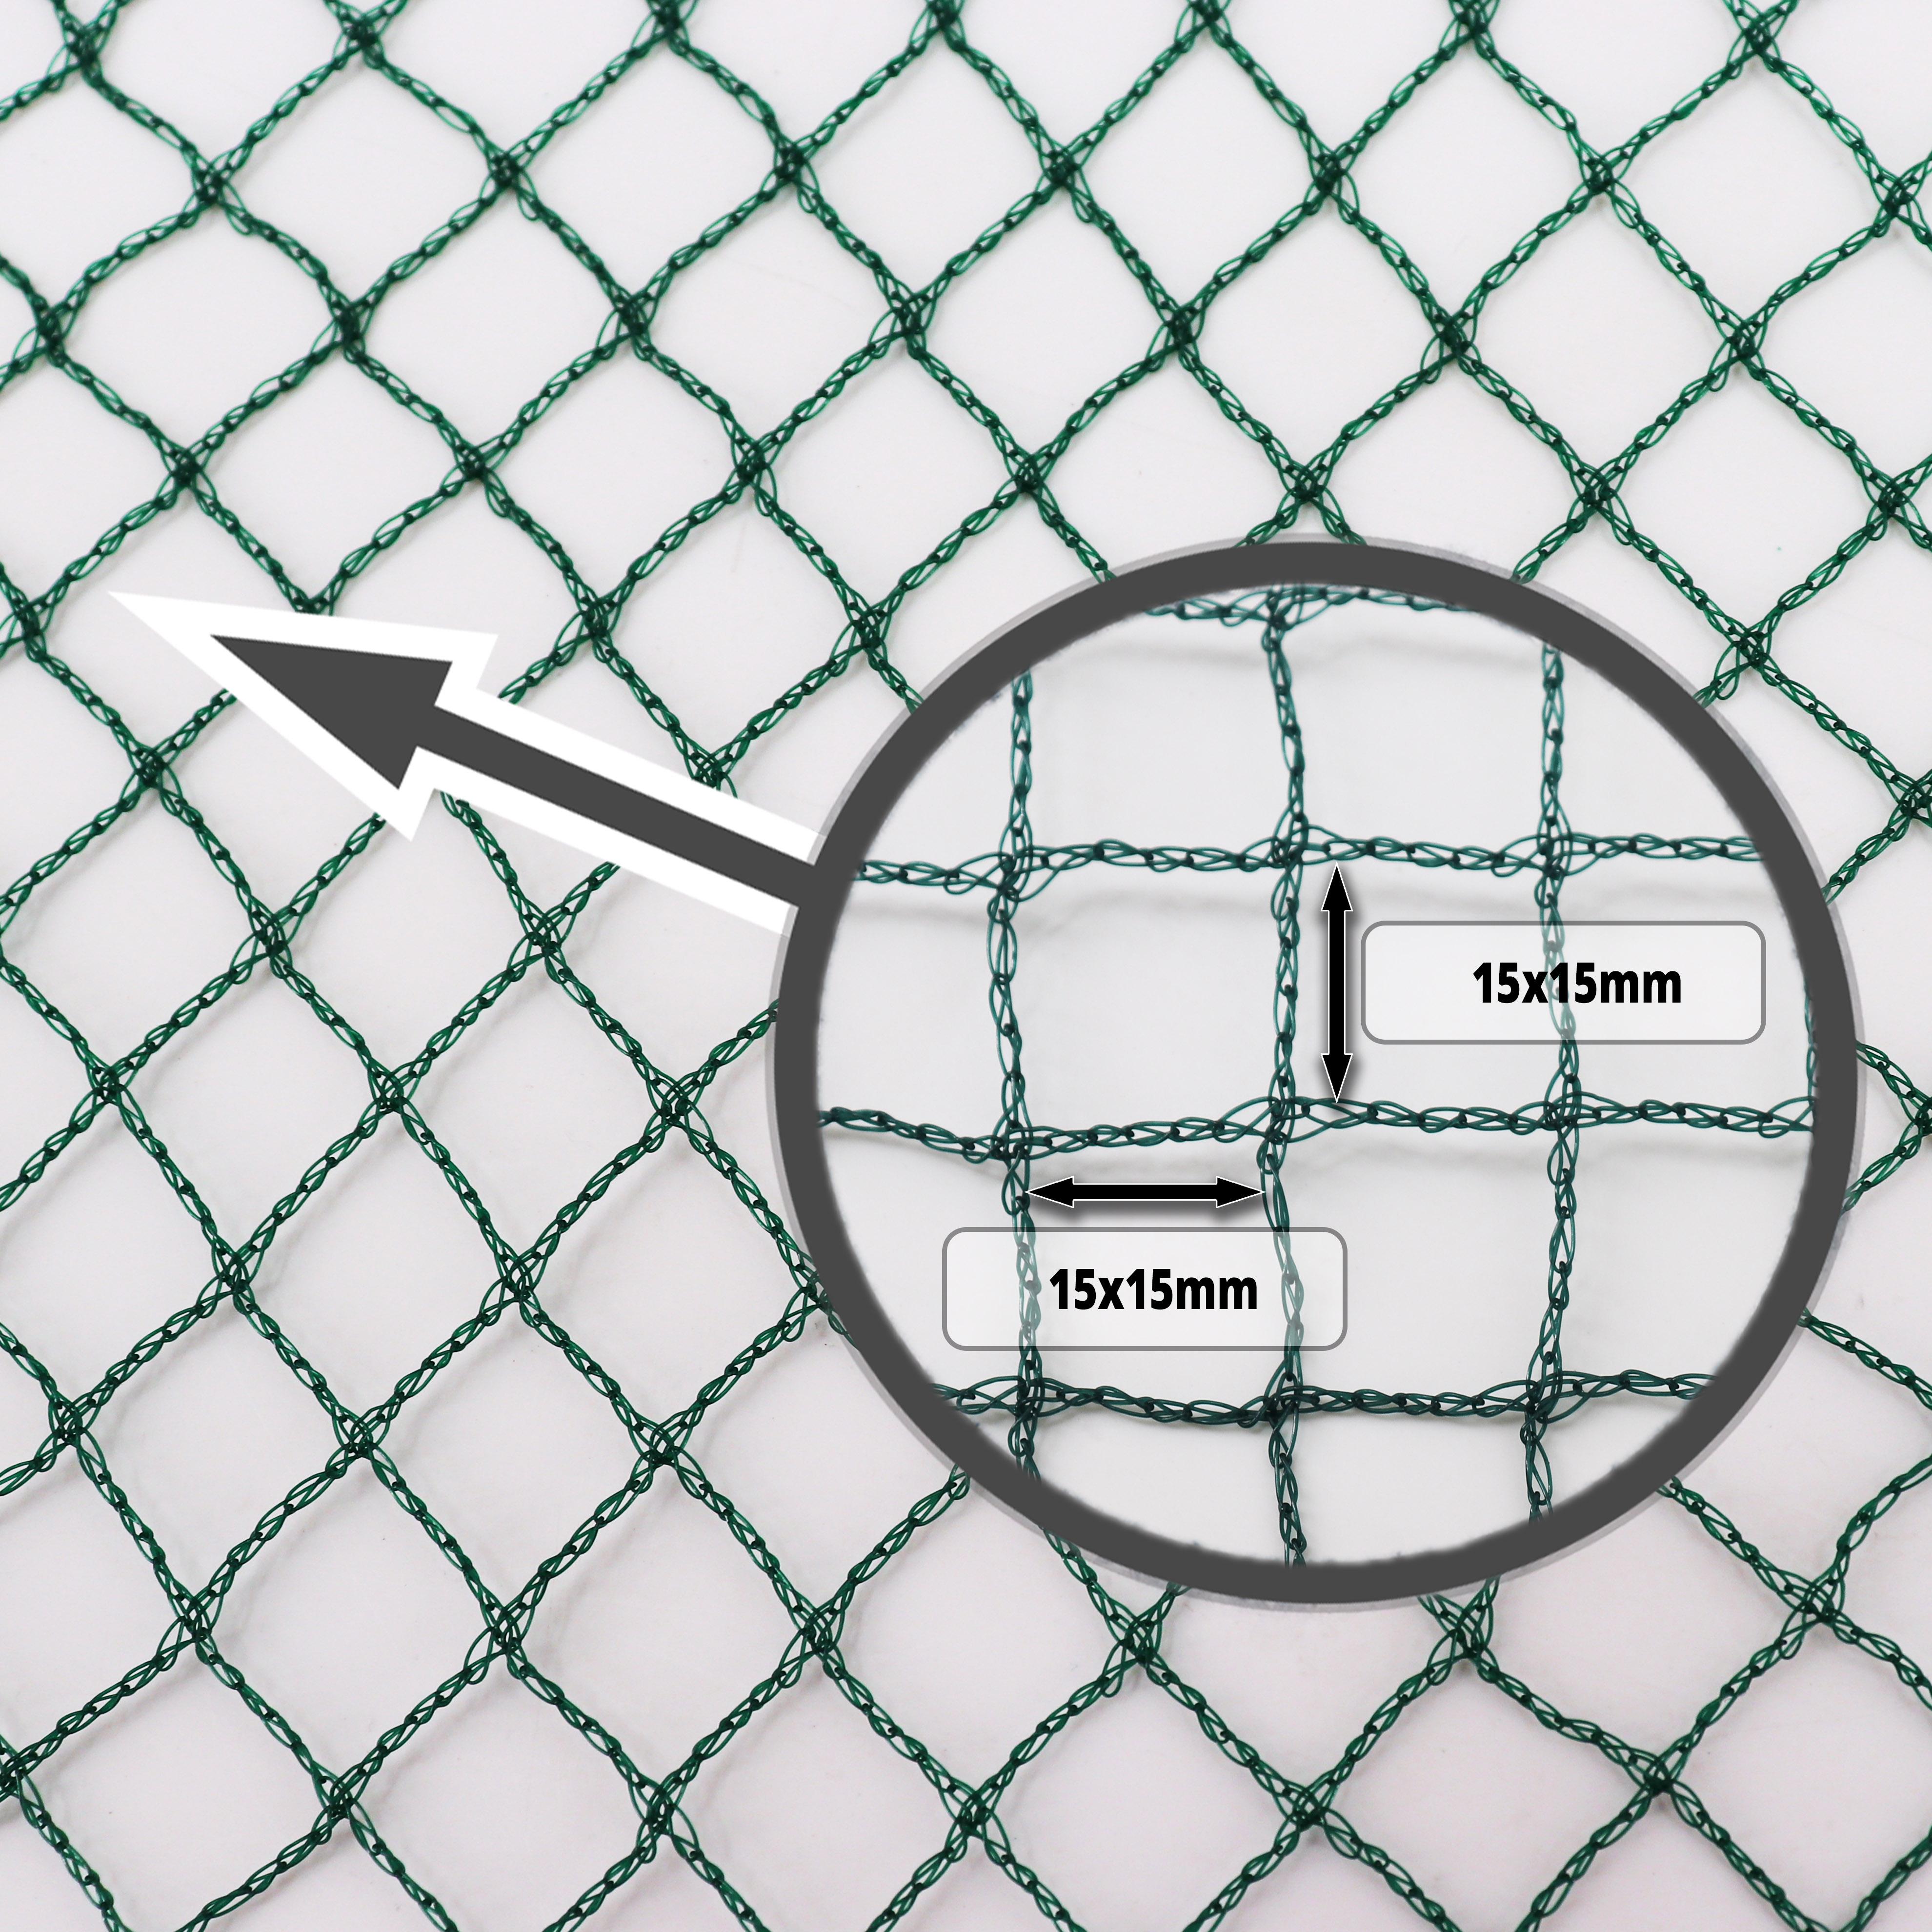 Teichnetz 16m x 6m Laubnetz Netz Vogelschutznetz robust